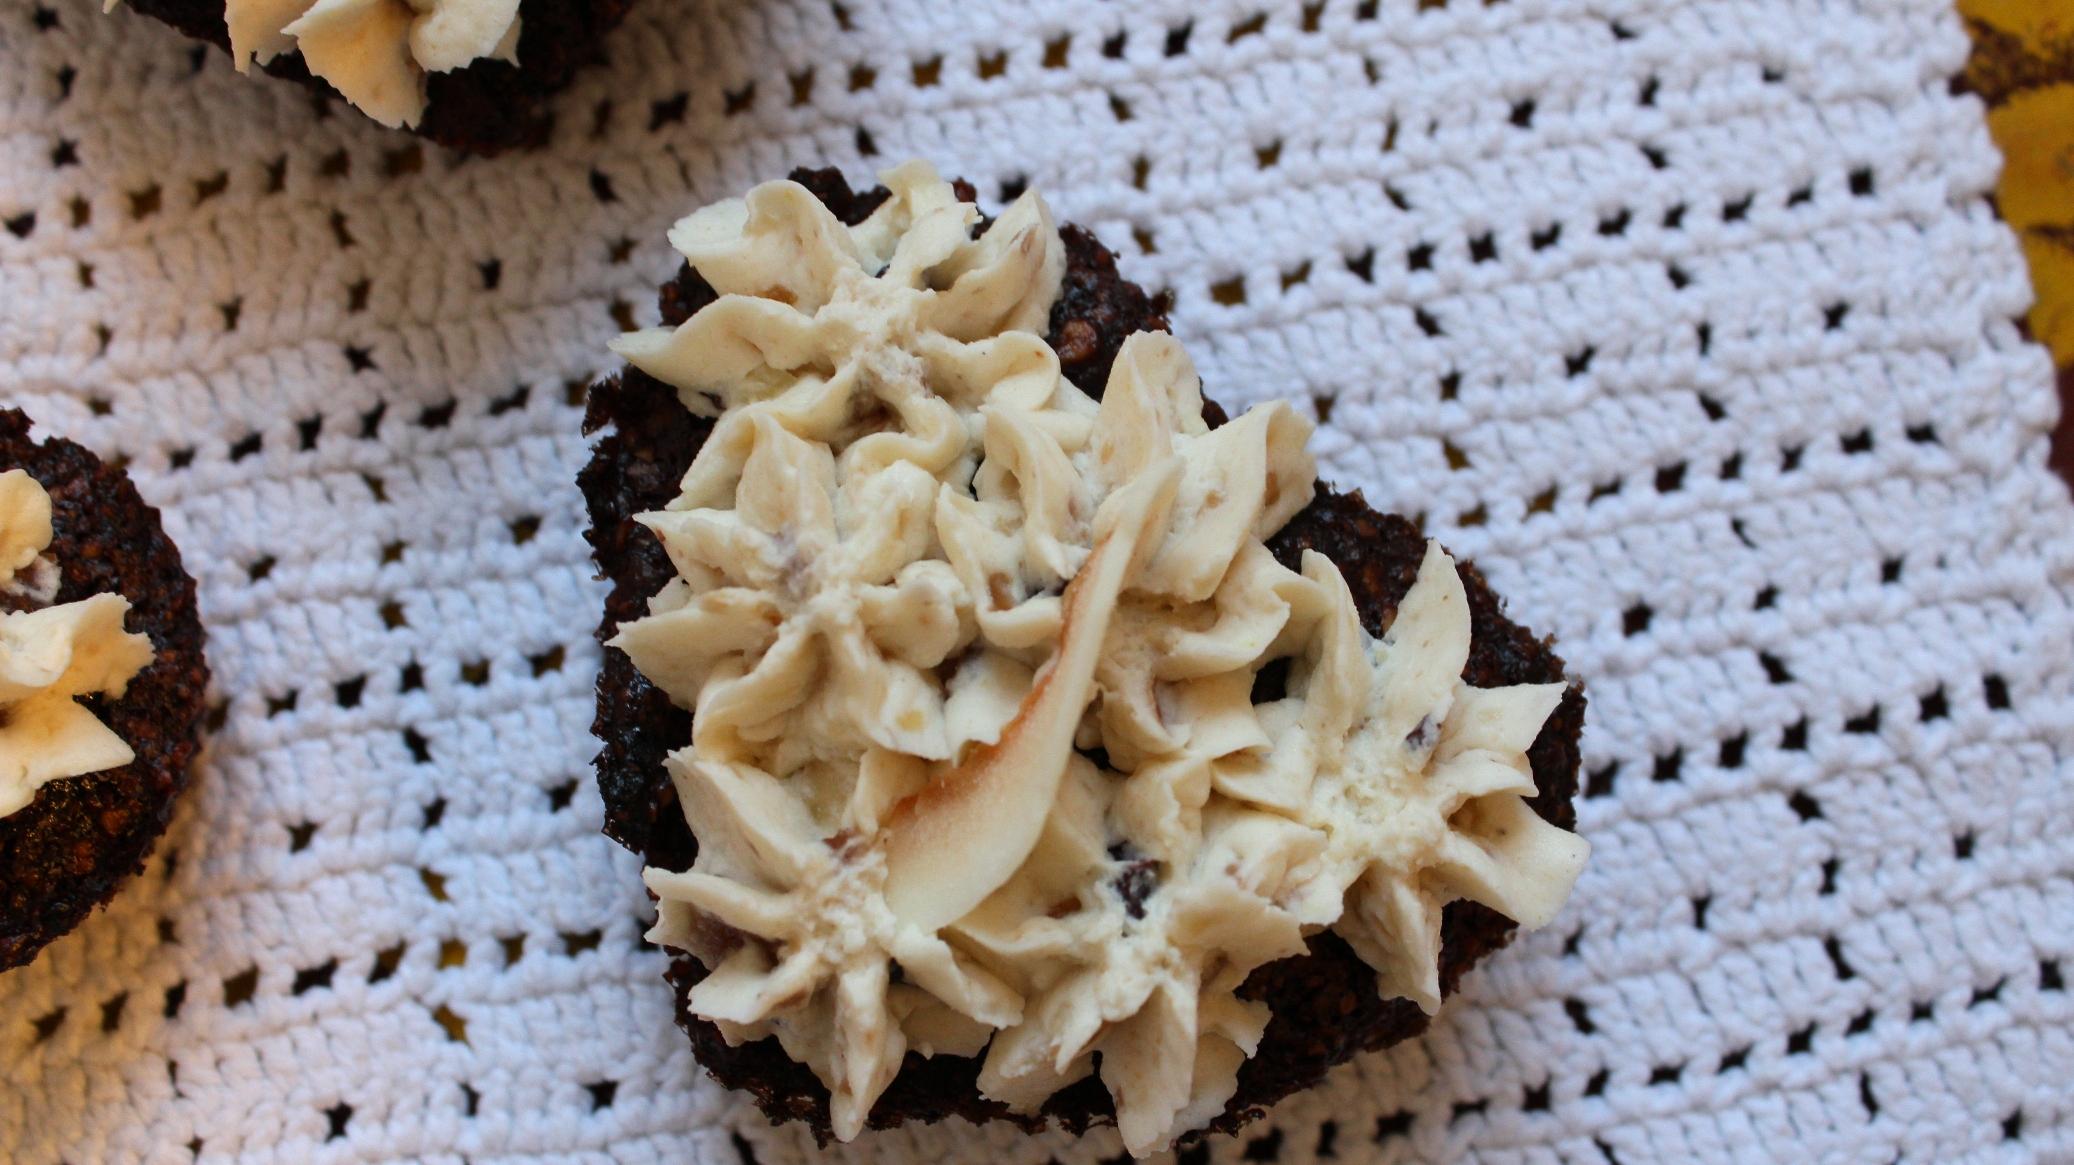 LCHF chokolademuffins med cashewnødder, kokos og ingefær